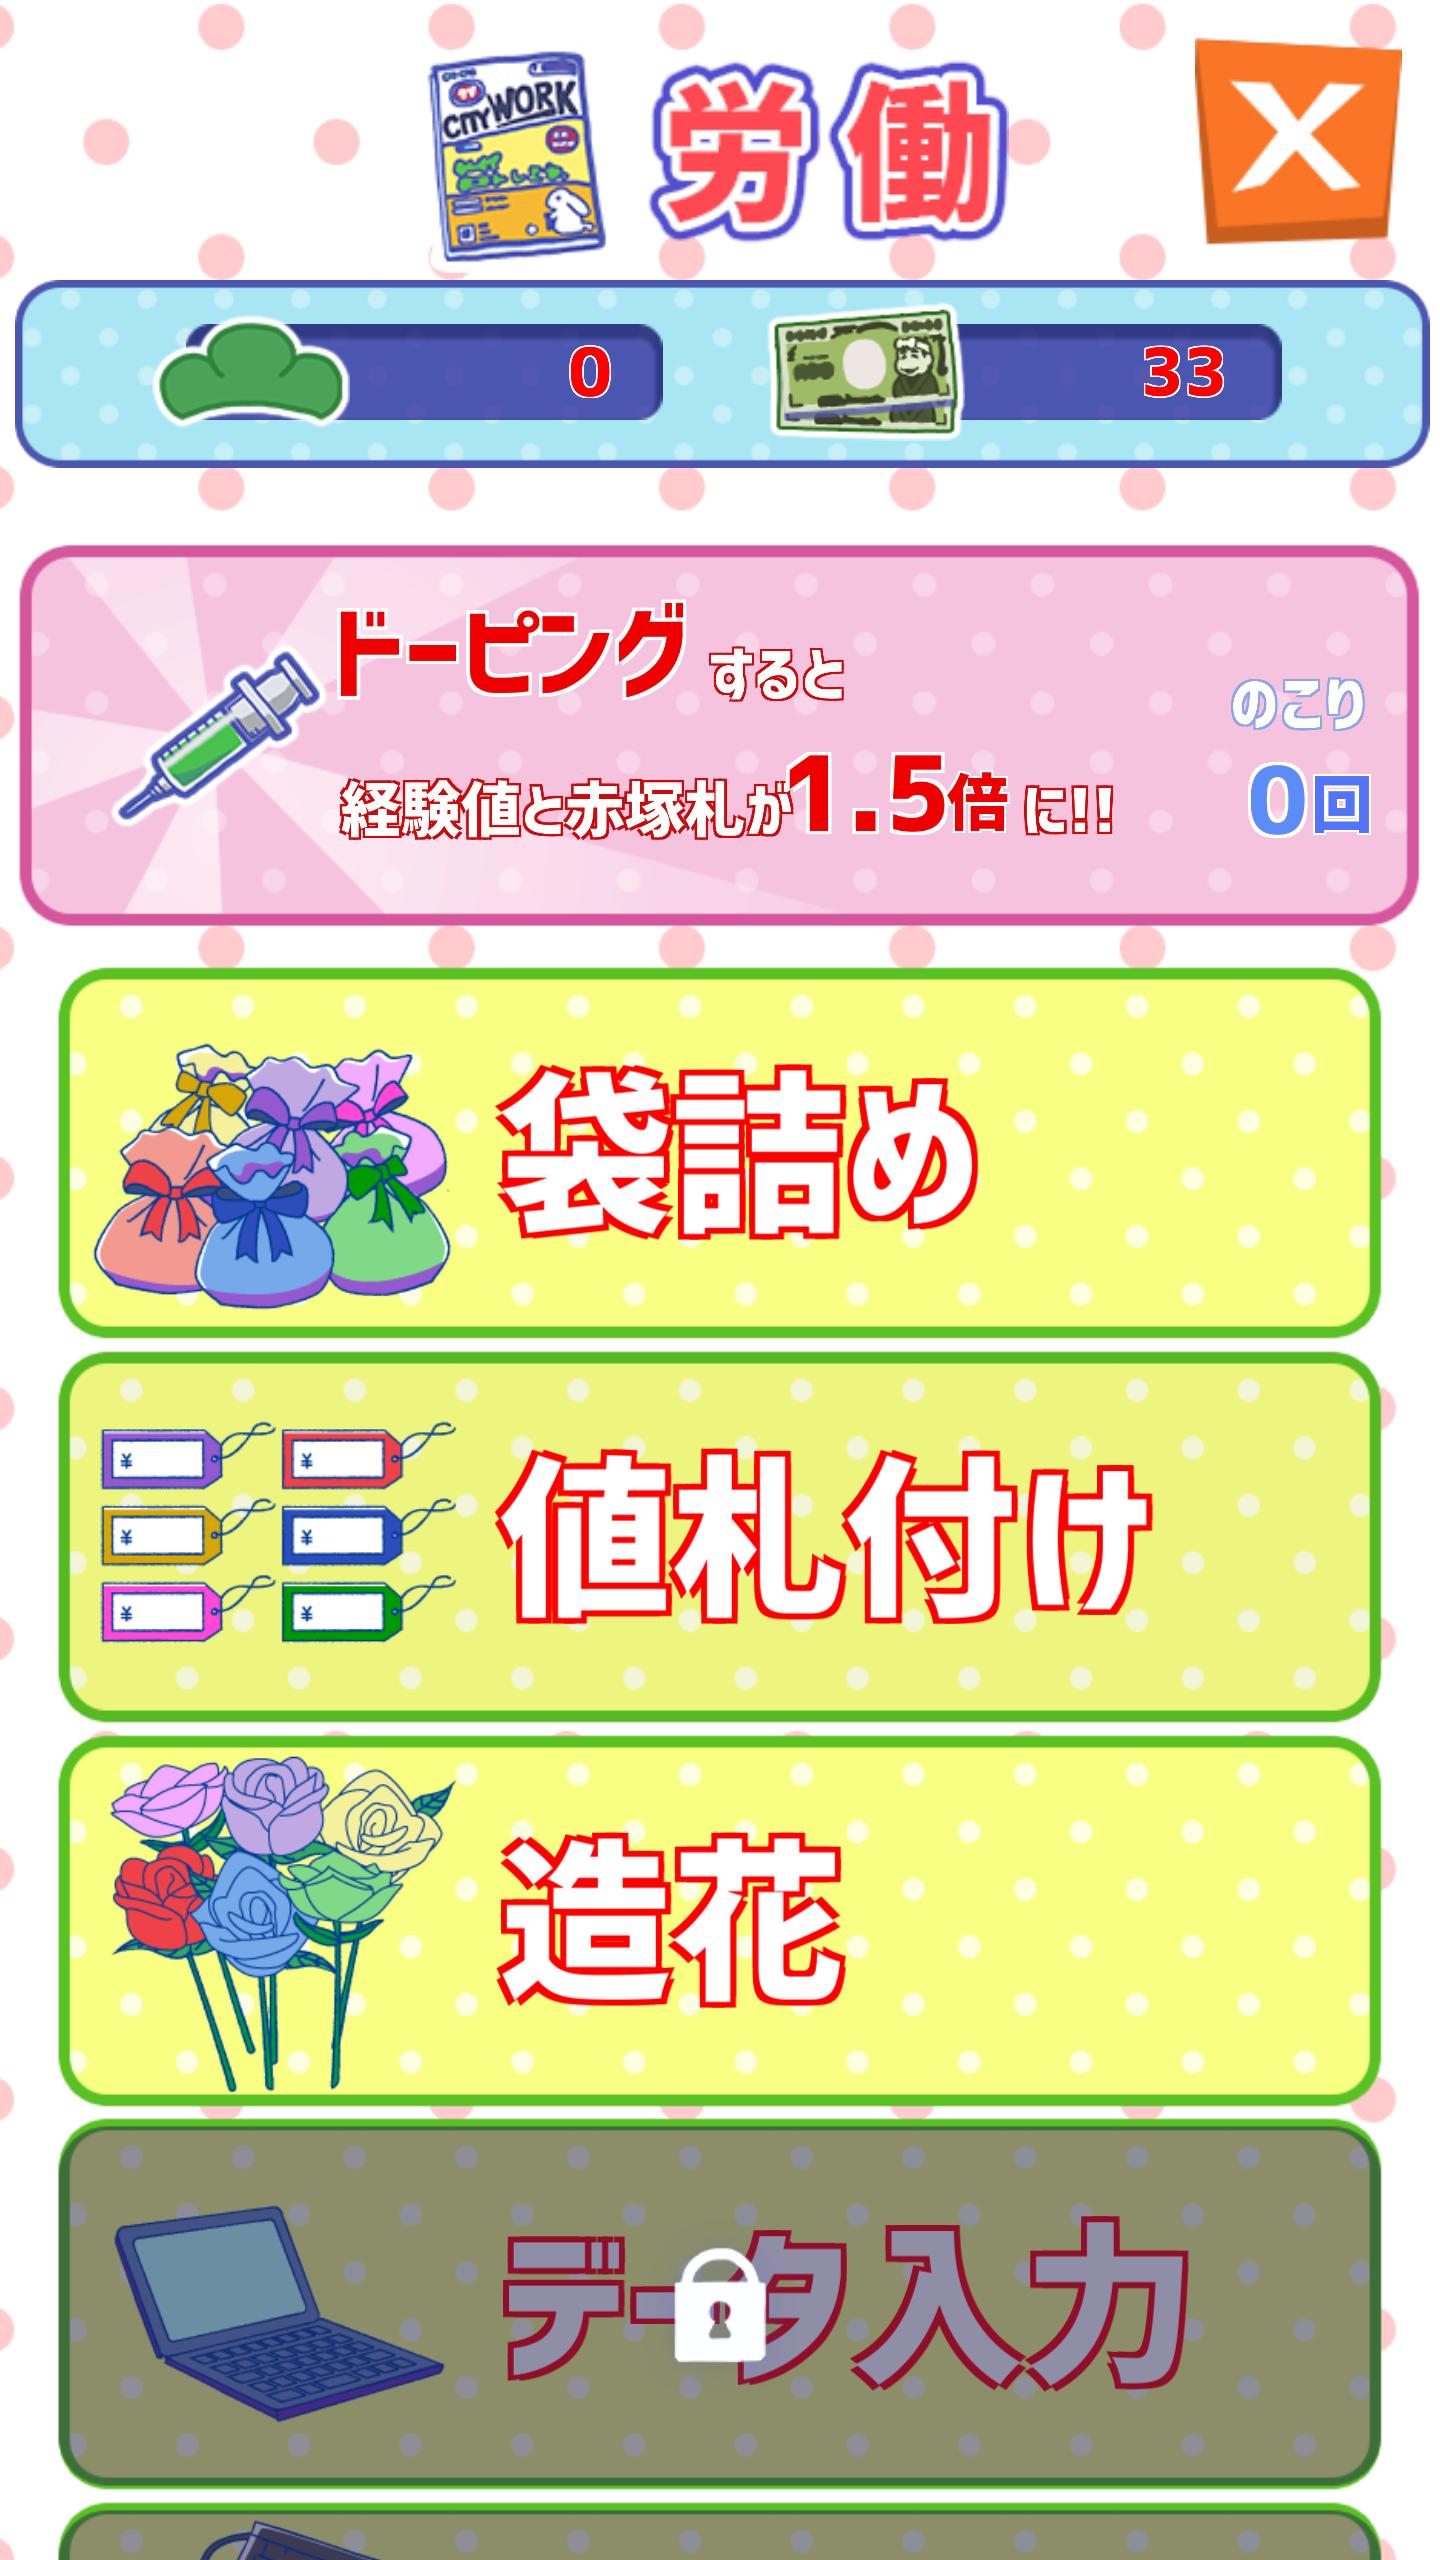 松野家扶養家族選抜会場【おそ松さん養うアプリ】 androidアプリスクリーンショット3